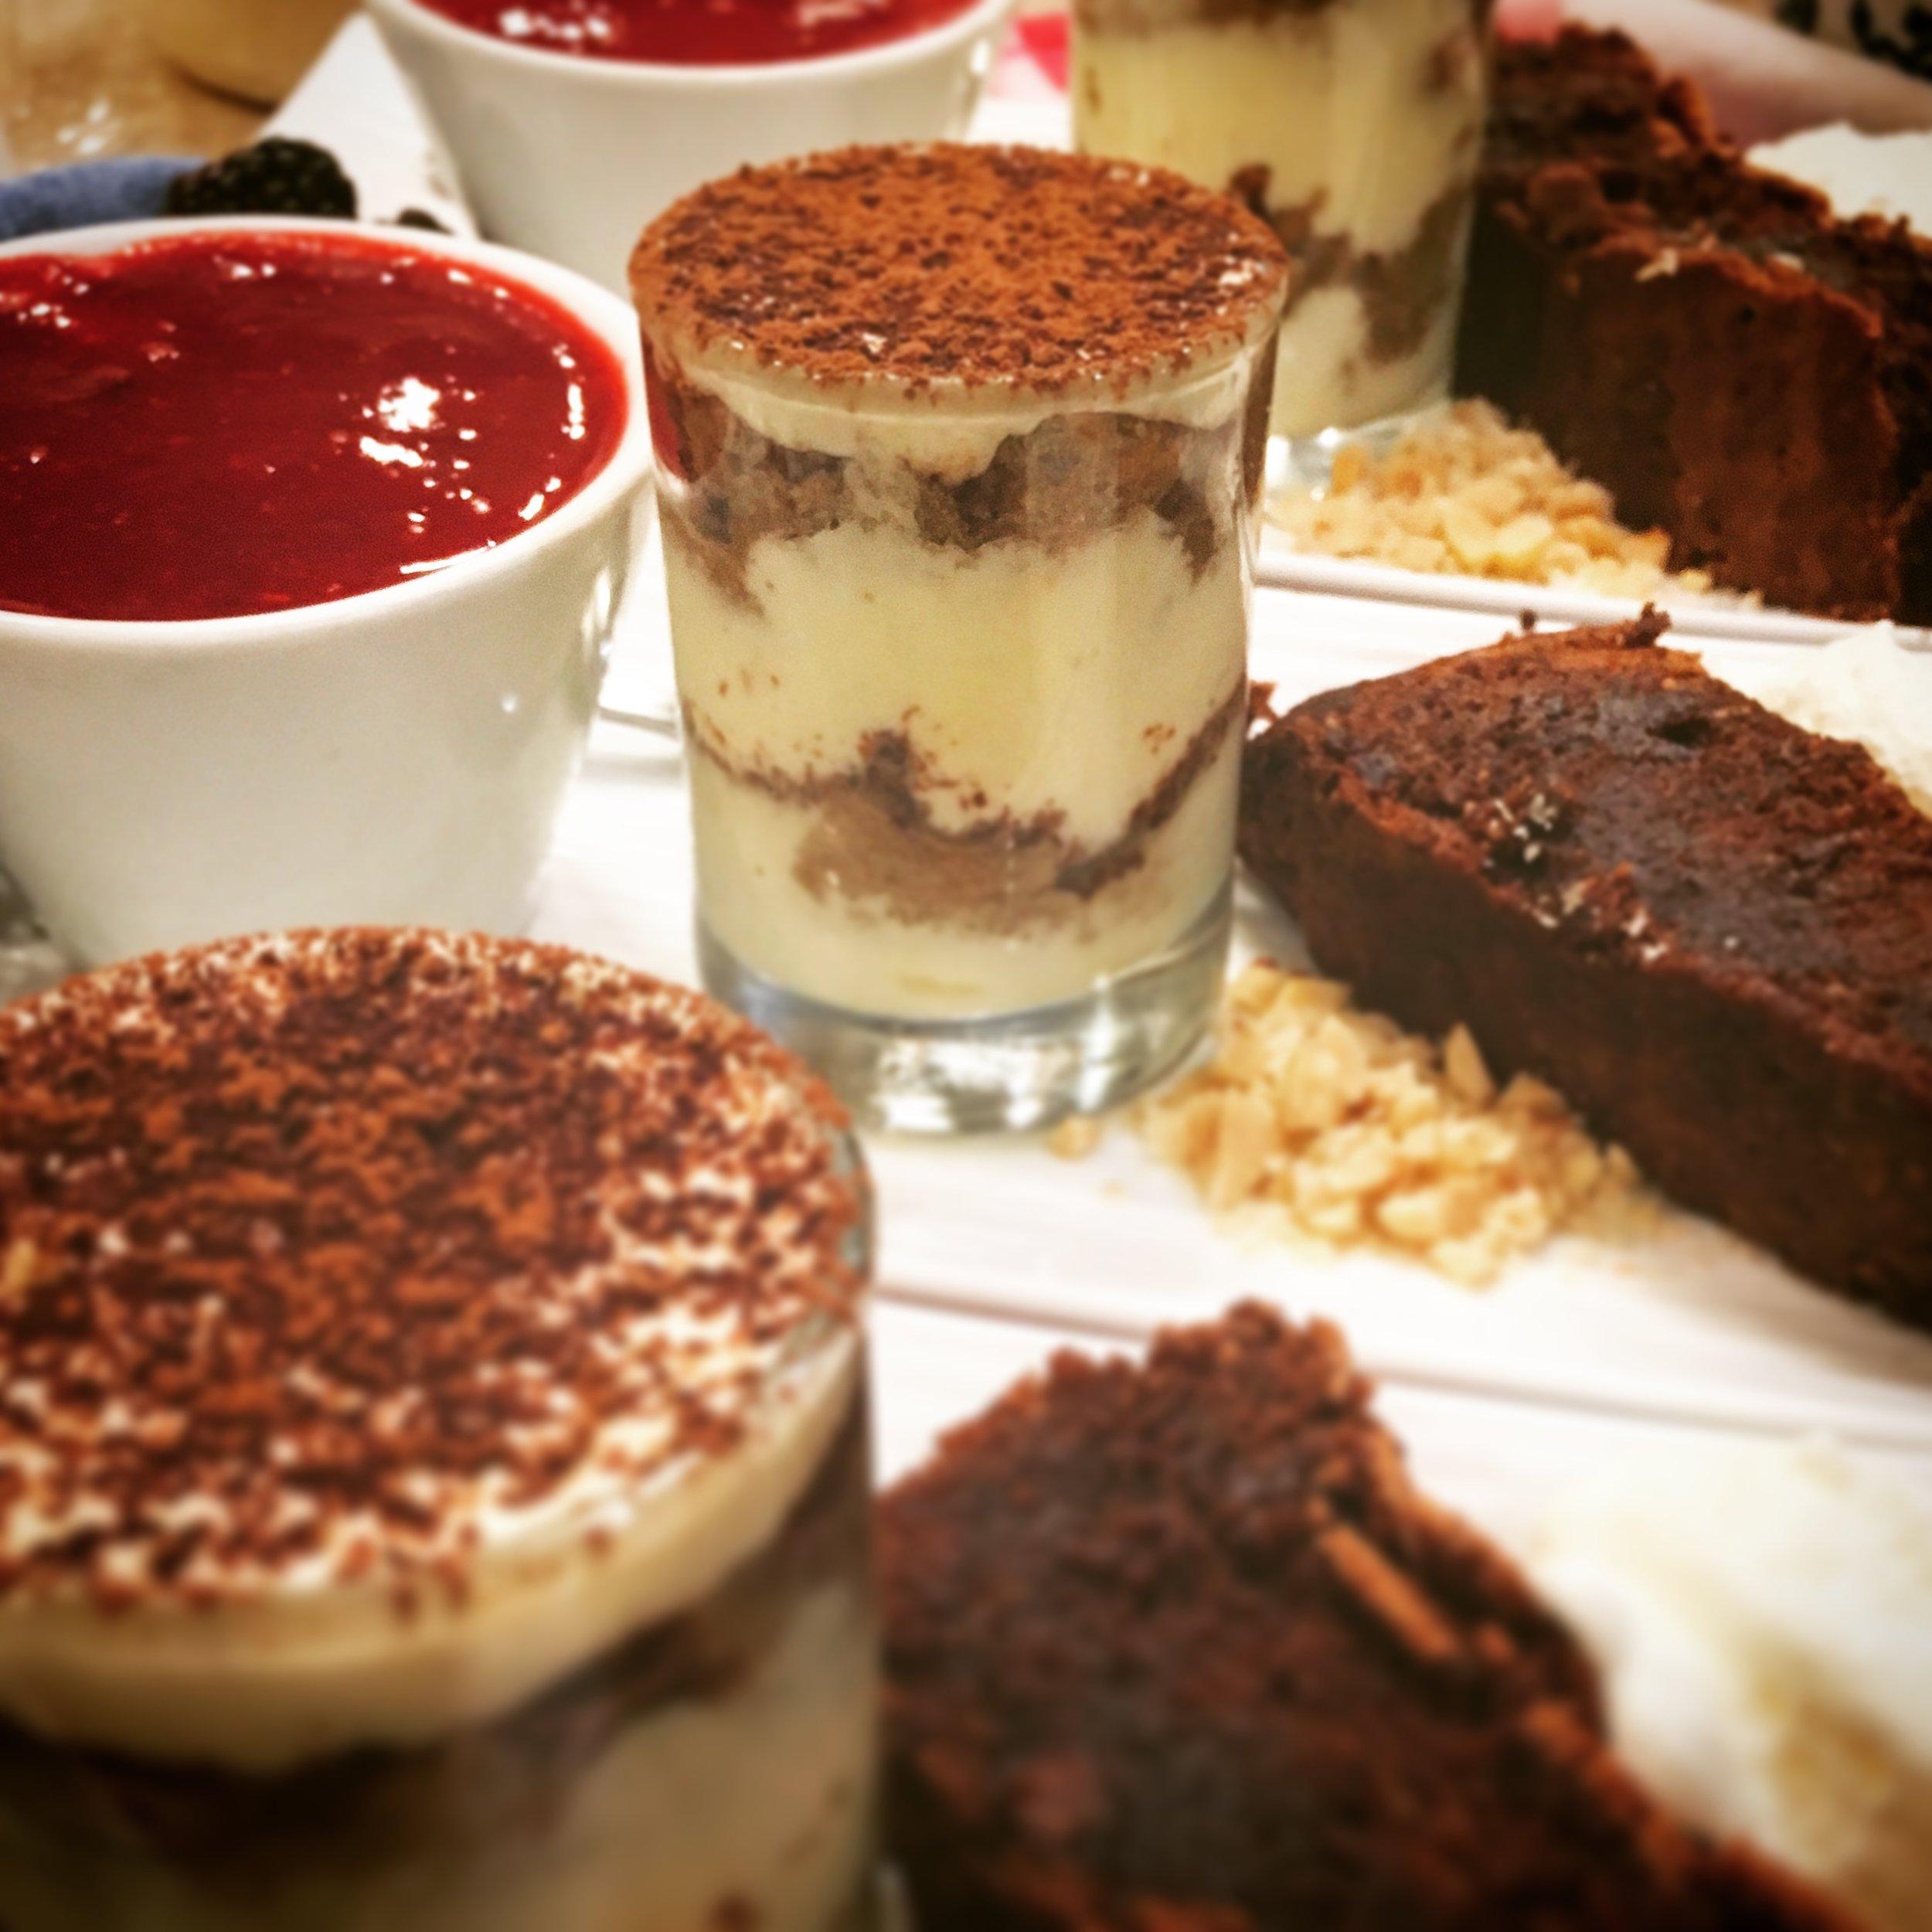 Italian Dessert Trio